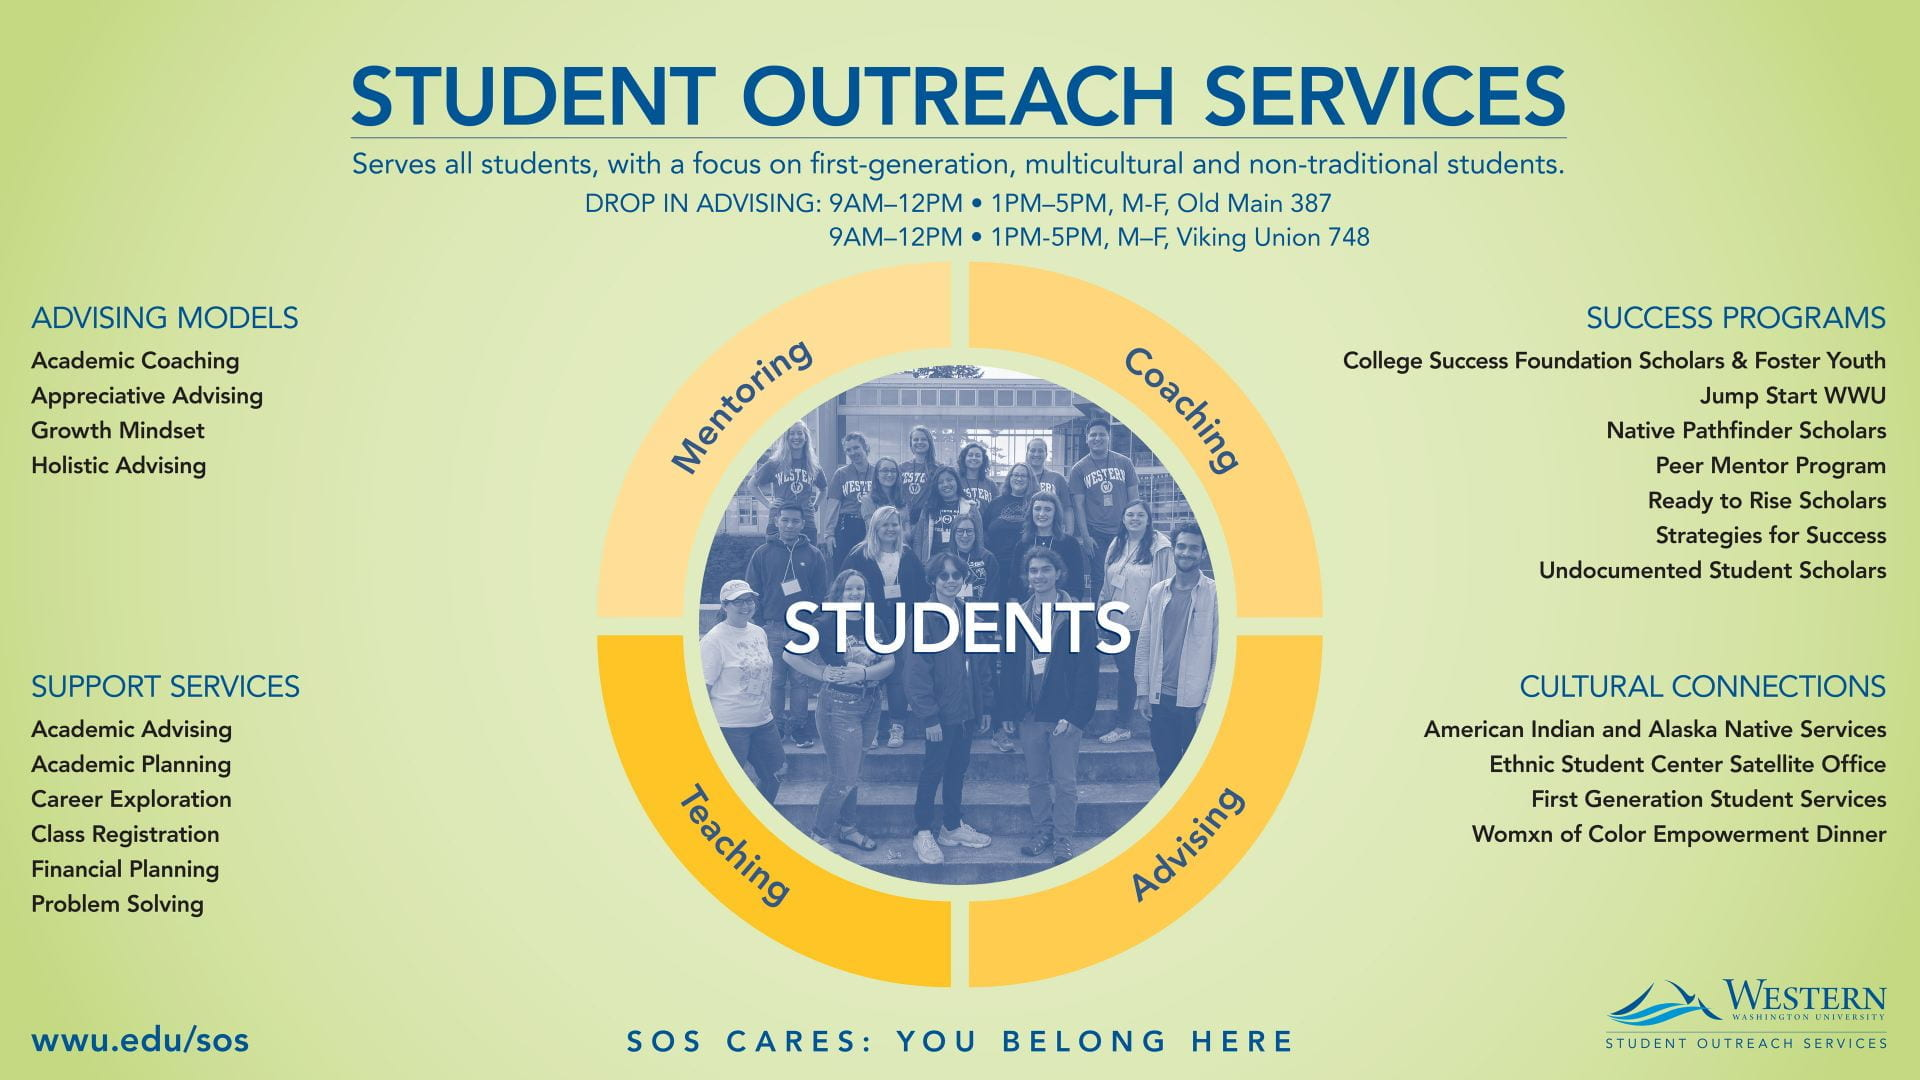 Student Outreach Services Poster describing programs and services.